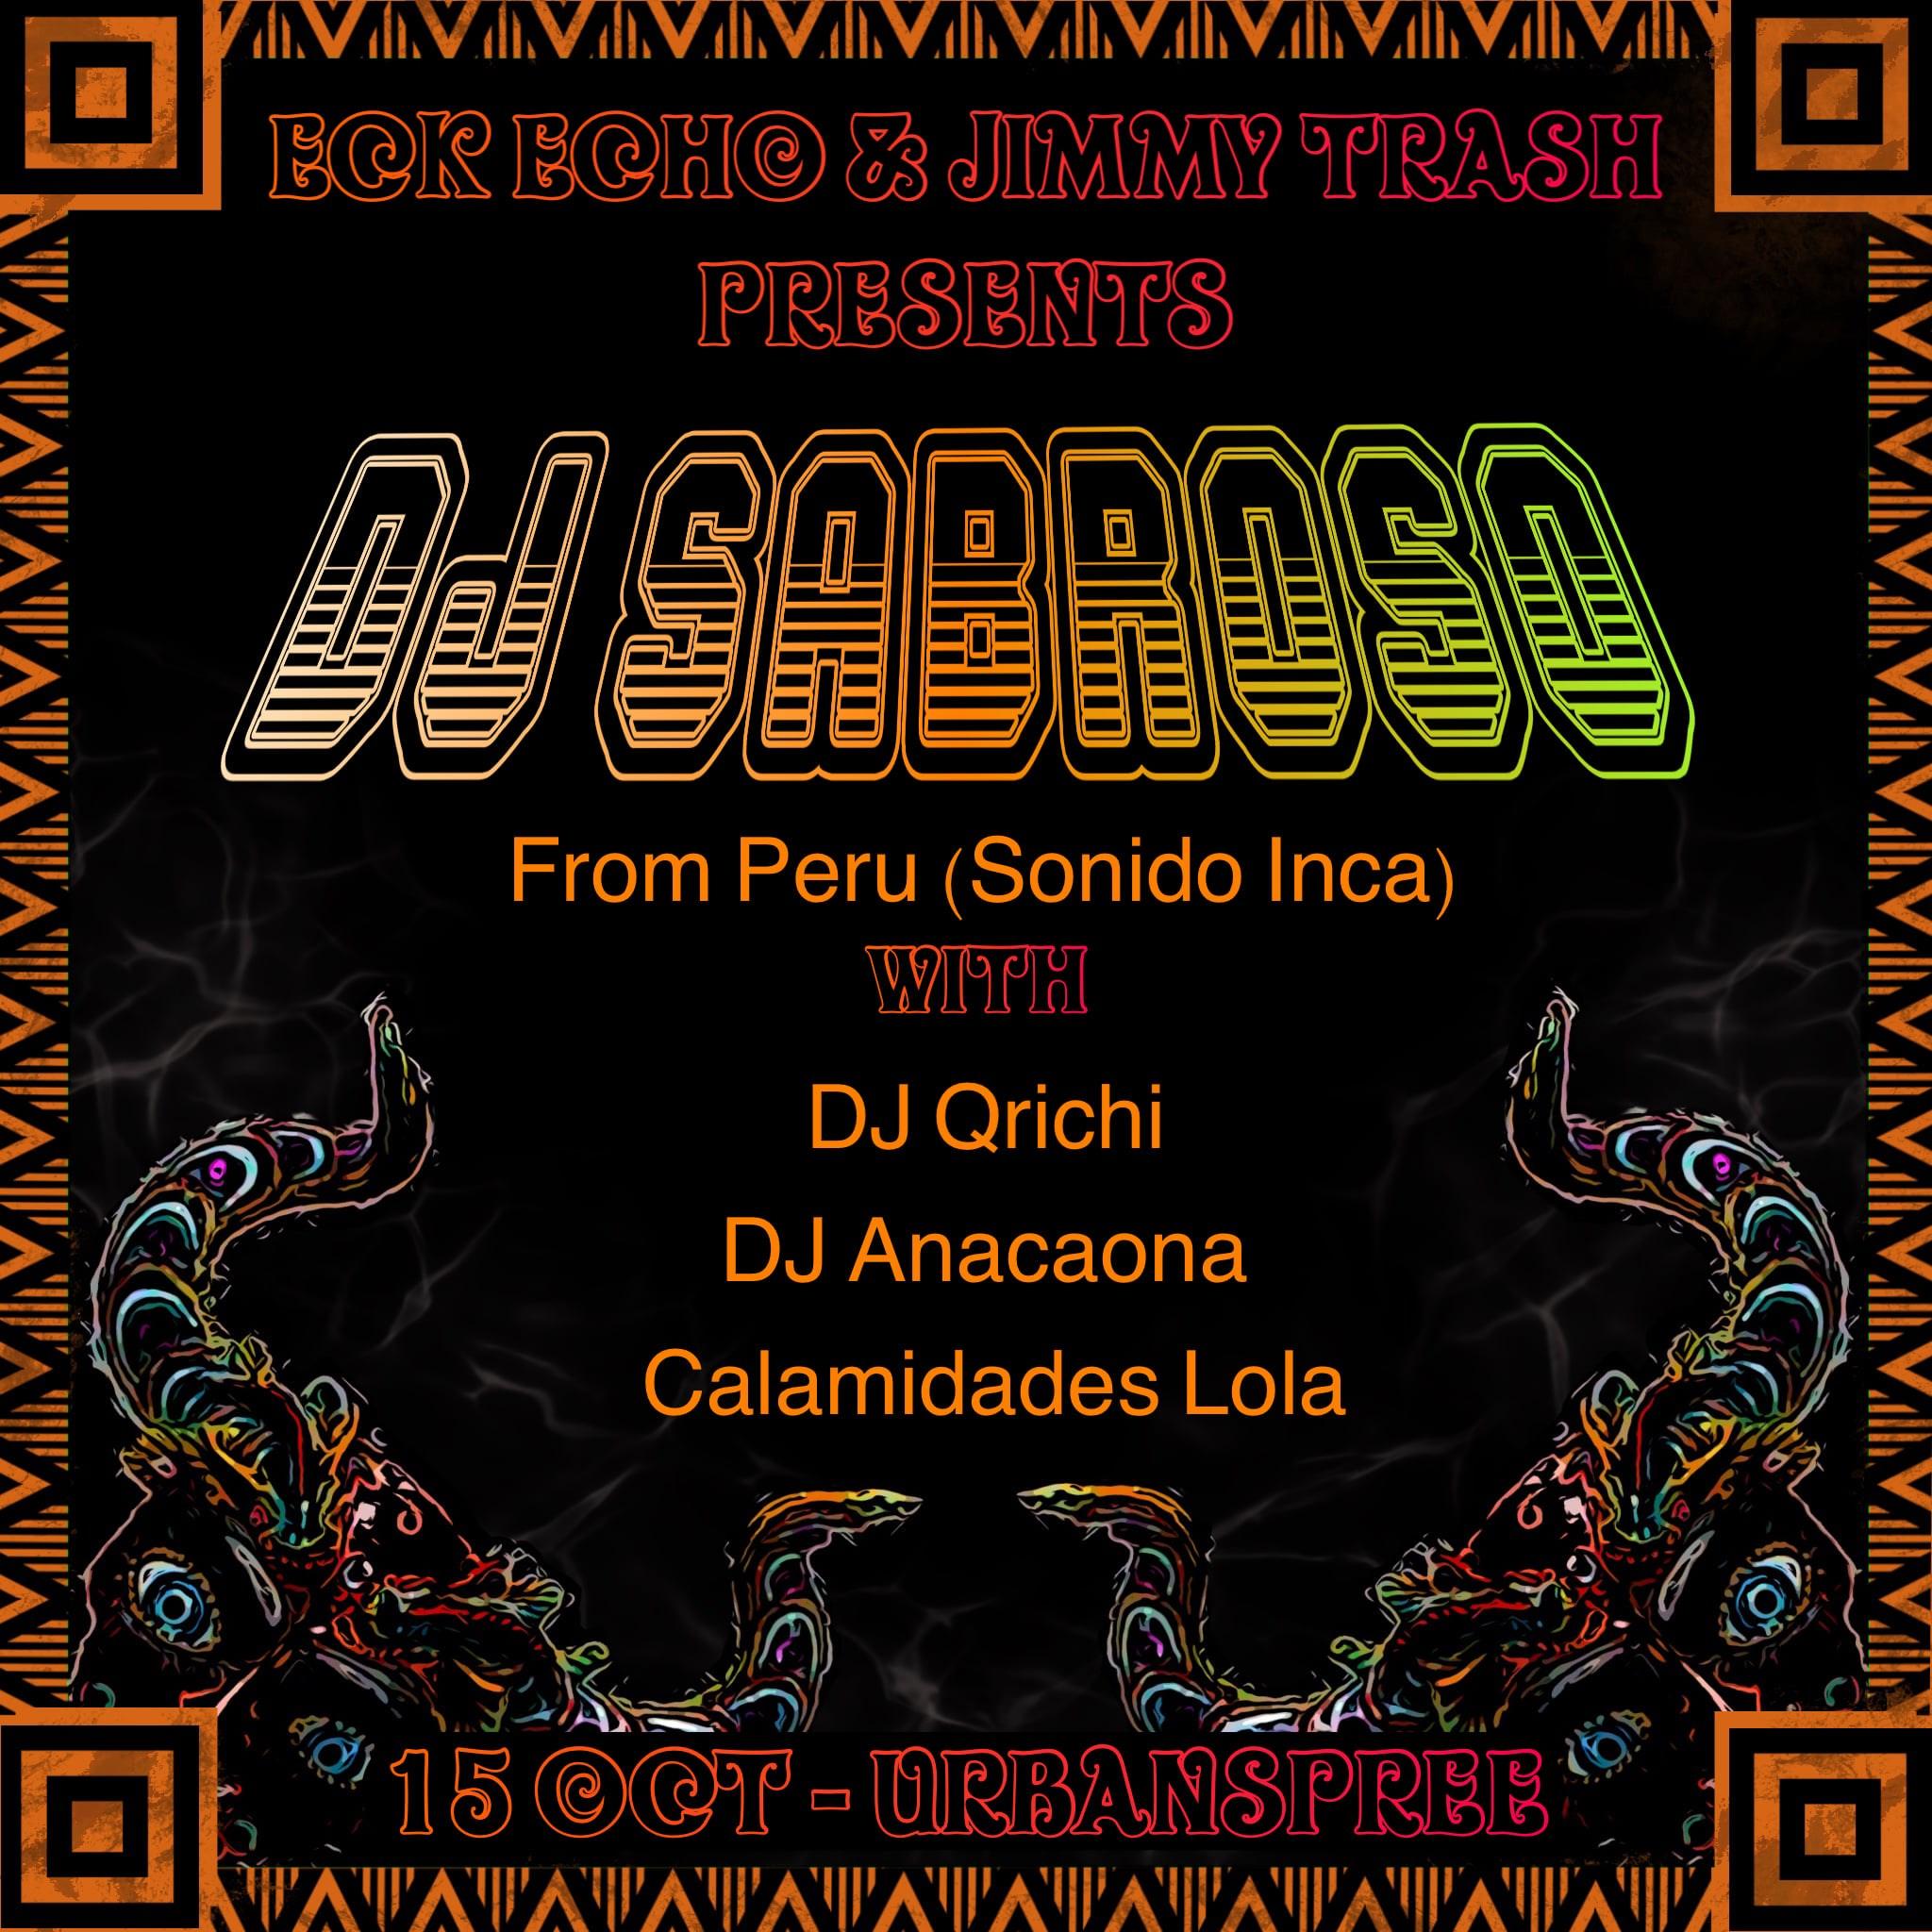 Eck Echo Jimmy Trash present: DJ Sabroso (Peru/Sonido Inca) Special Guests - Flyer front